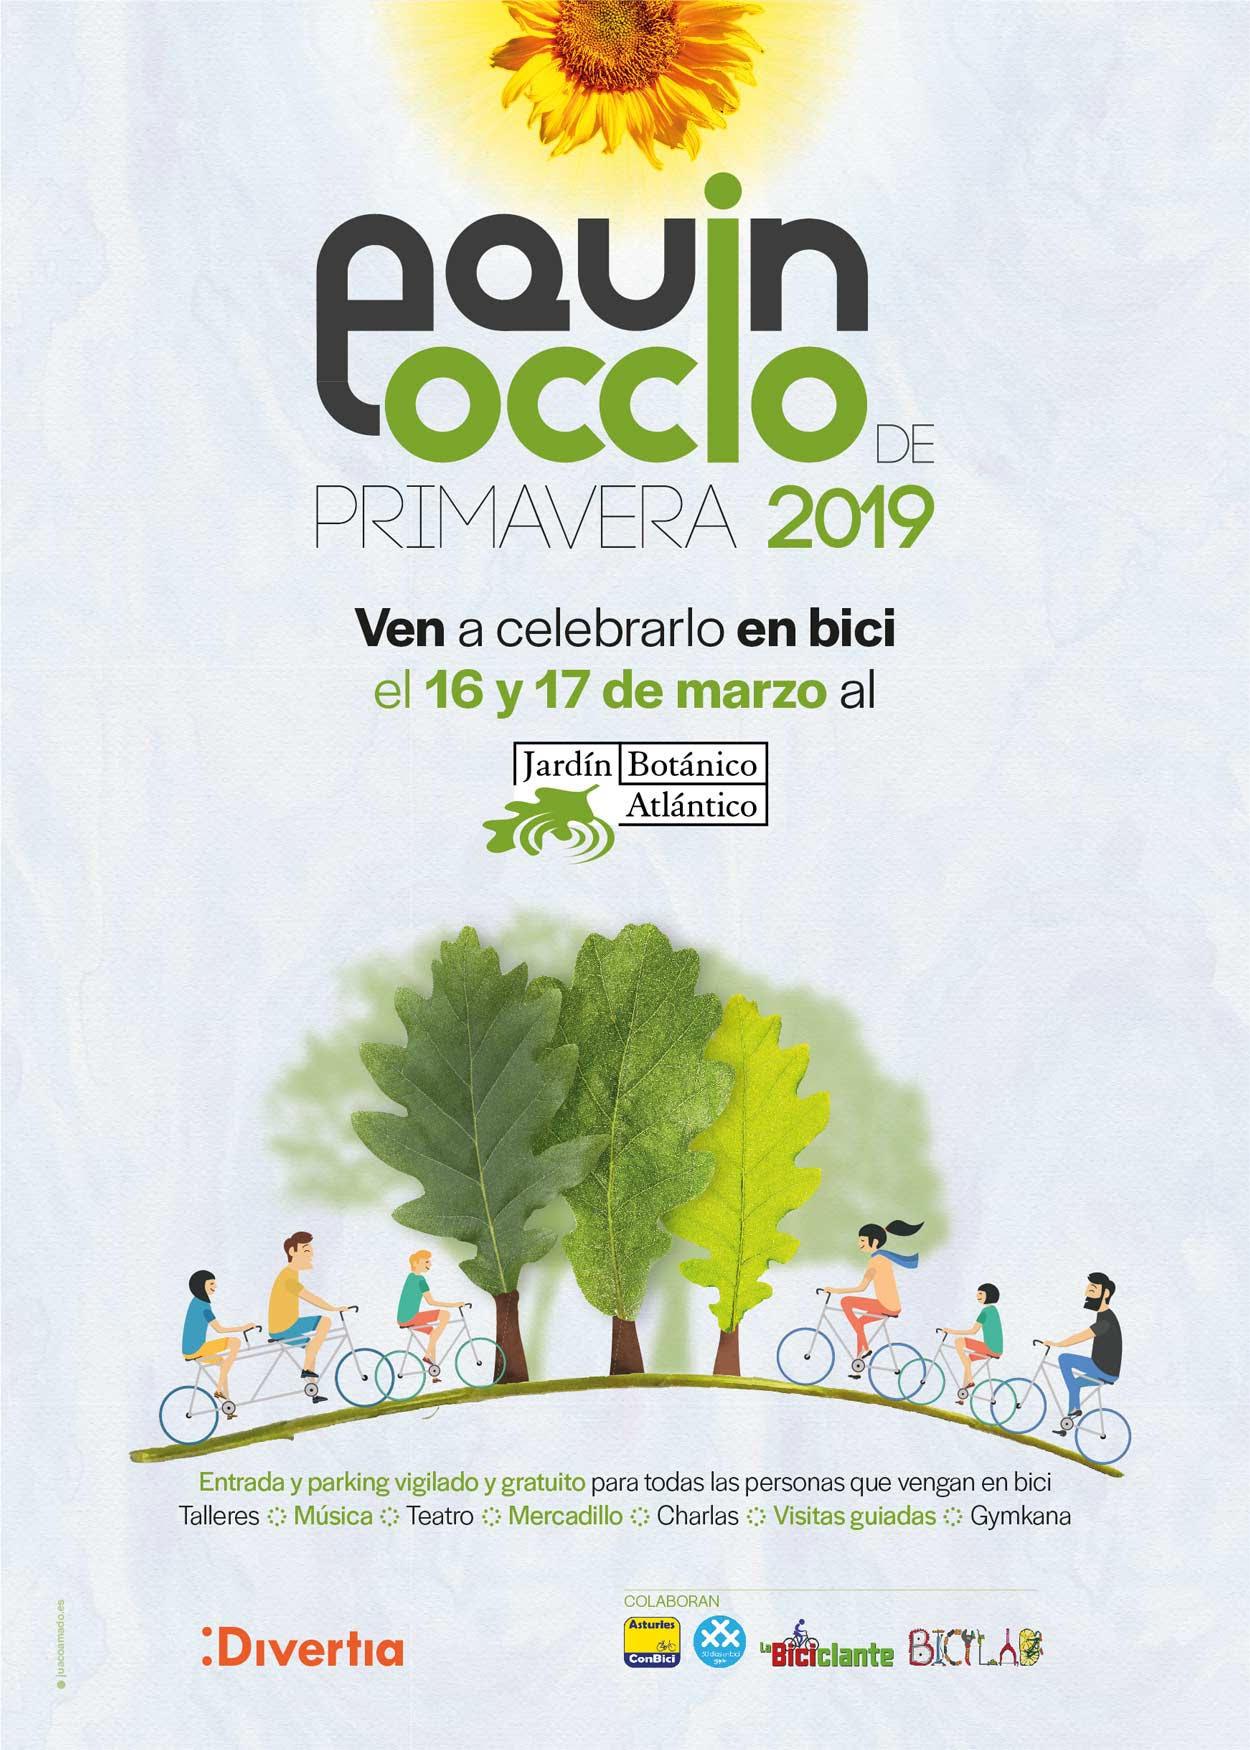 Cartel Fiesta Equinoccio de Primavera 2019 Jardín Botánico Atlantico - 30 días en bici Gijón